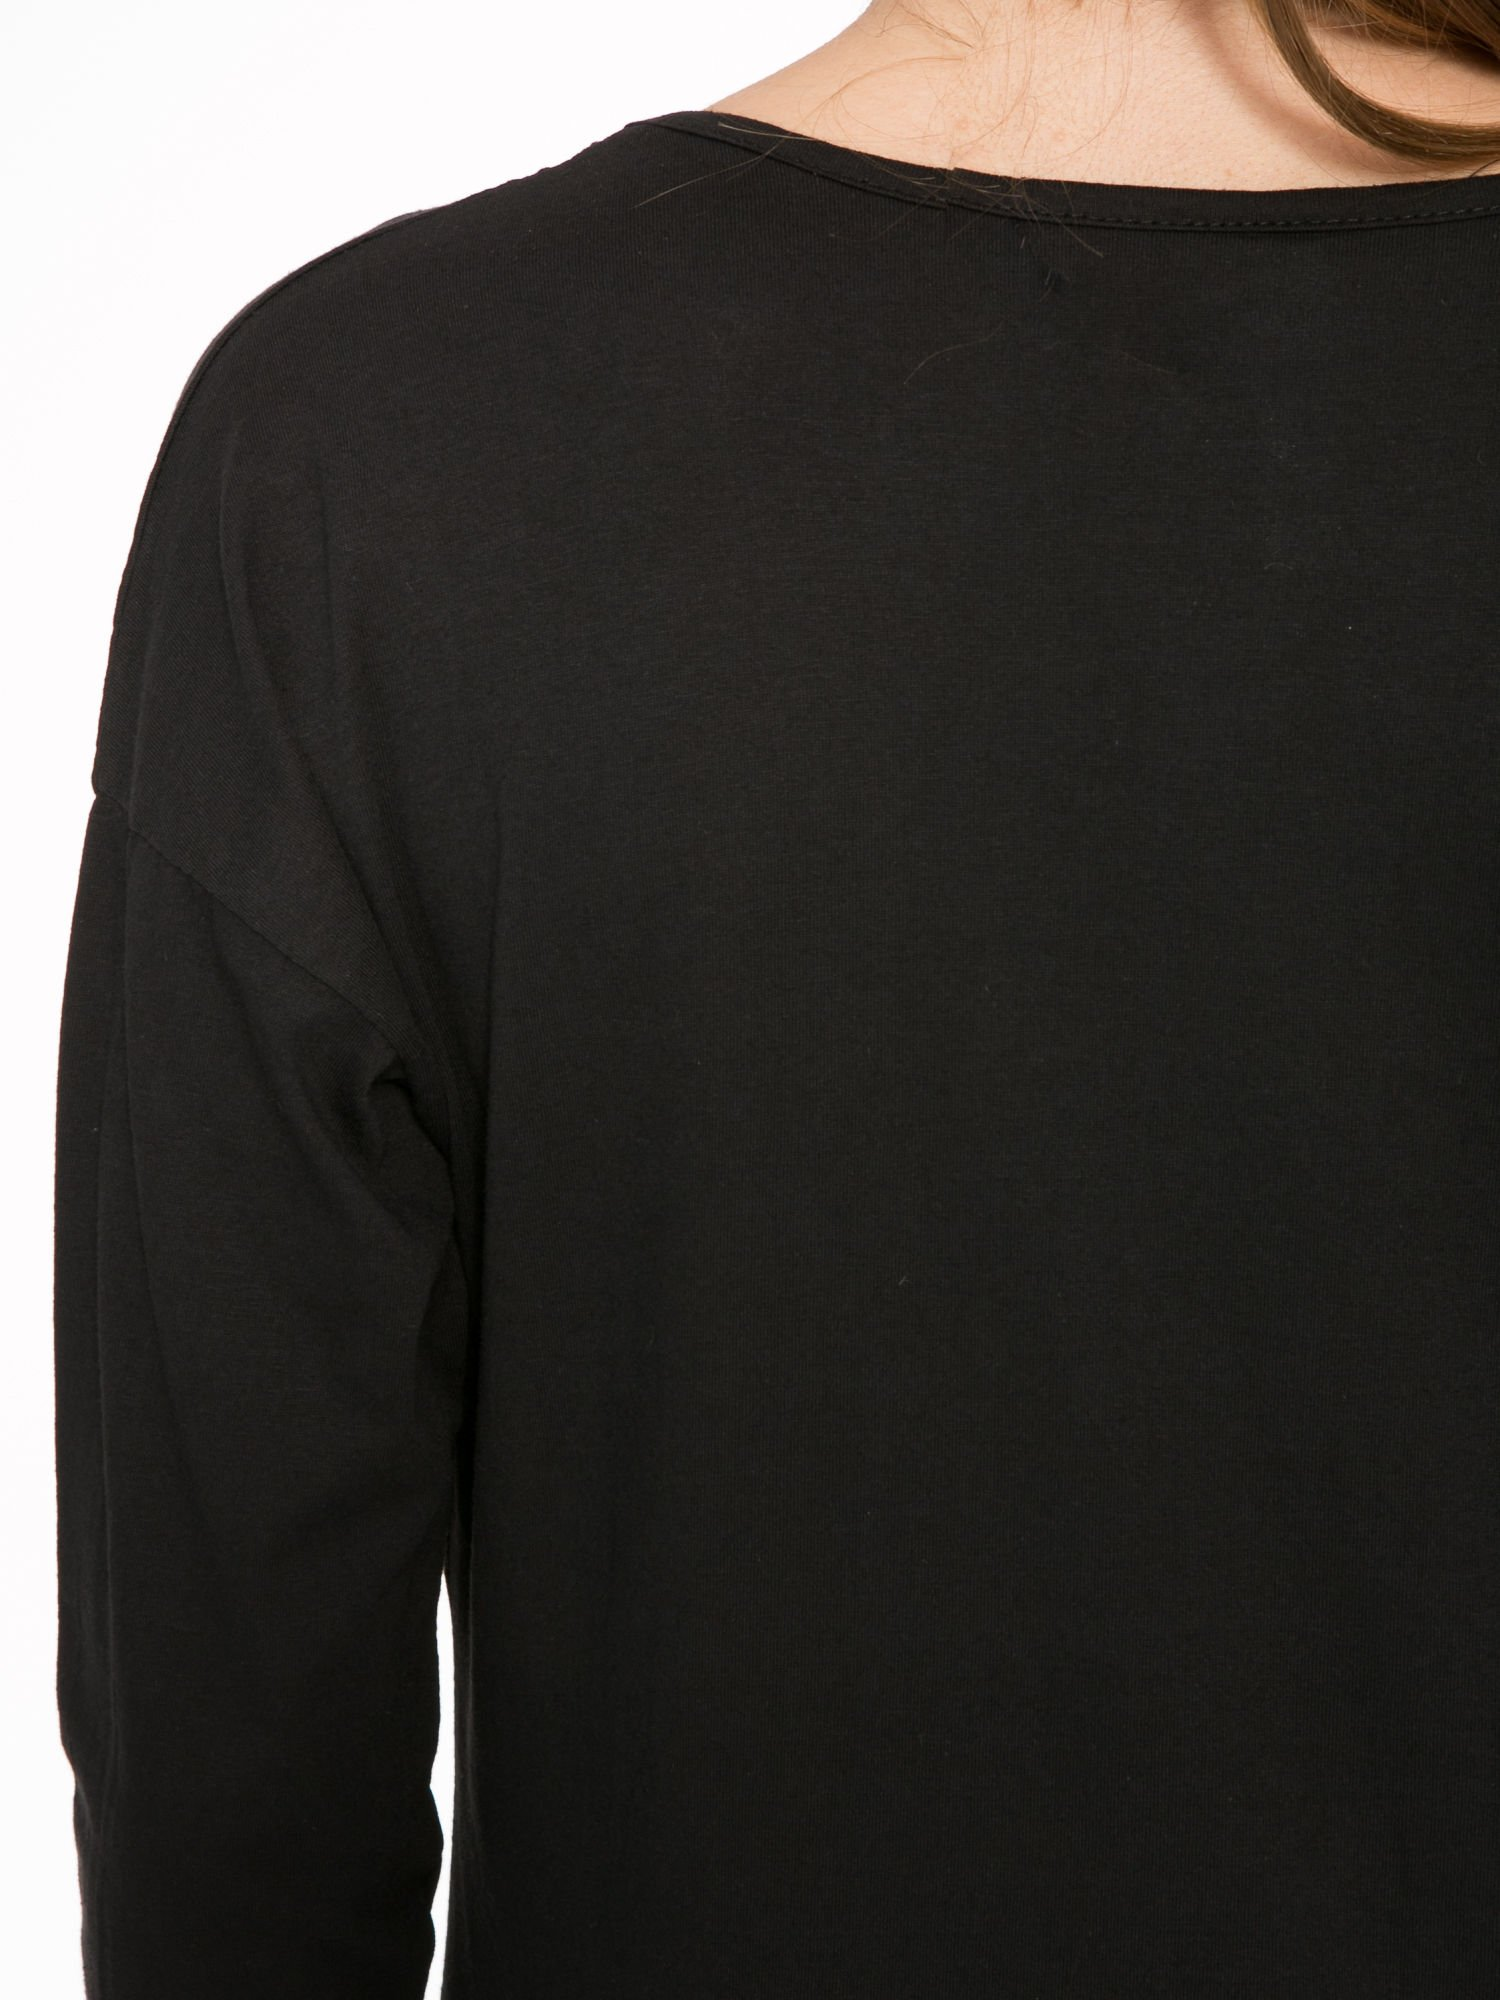 Czarna bluzka z nadrukiem Marylin Monroe                                  zdj.                                  9